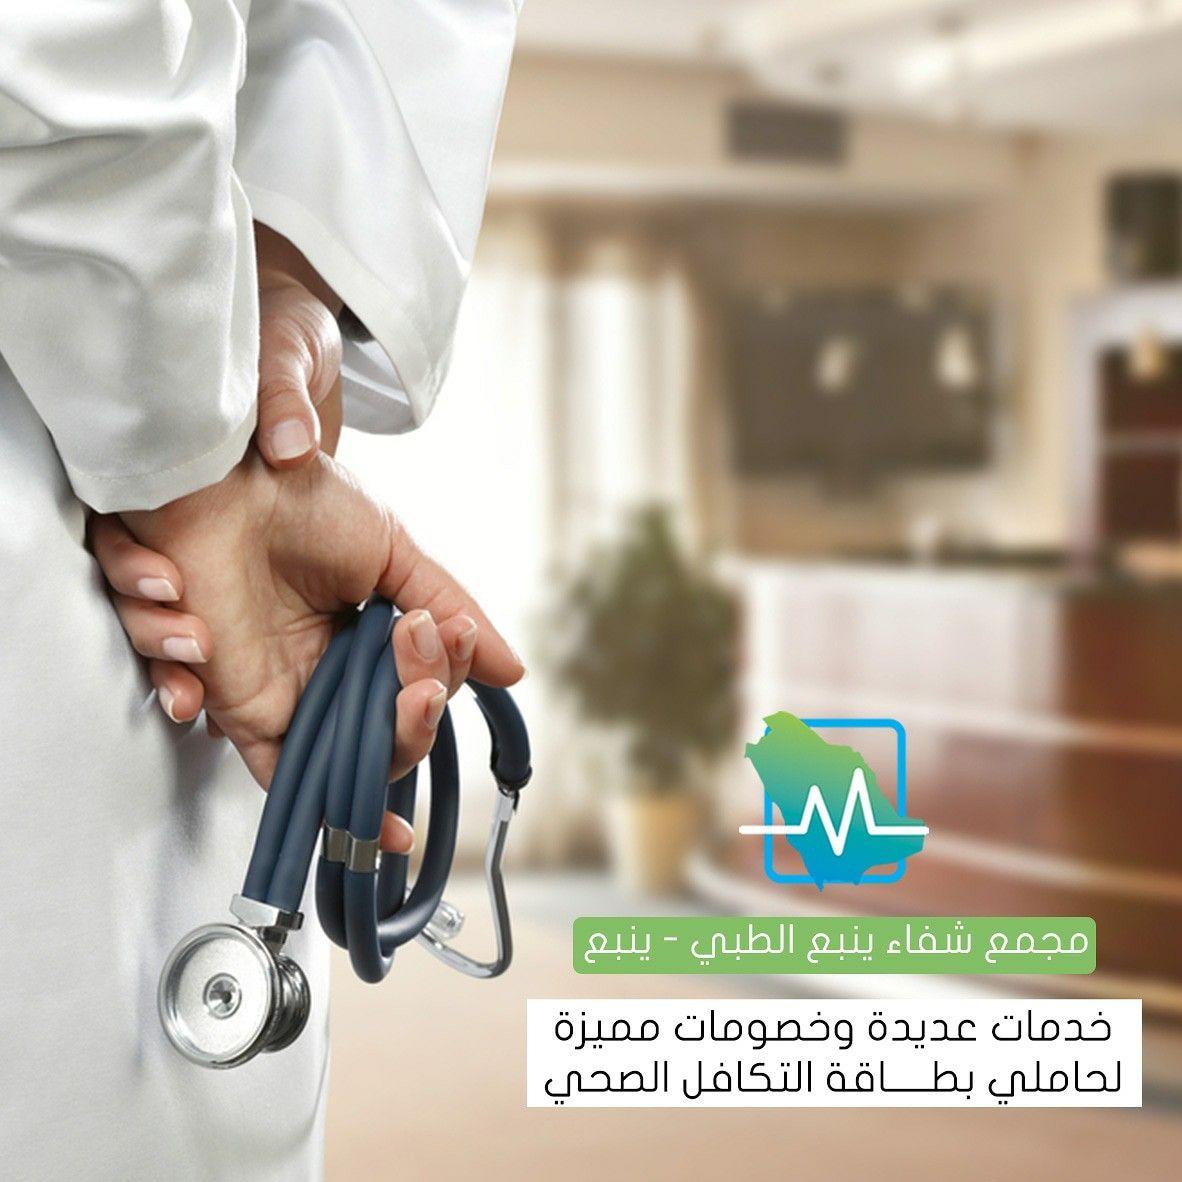 يوفر مجمع شفاء ينبع الطبي في ينبع خصومات لحاملي بطاقة التكافل الصحي بنسبة 20 على كشف عيادات الطوارىء الأطفال الأسنان Health Insurance Health Insurance